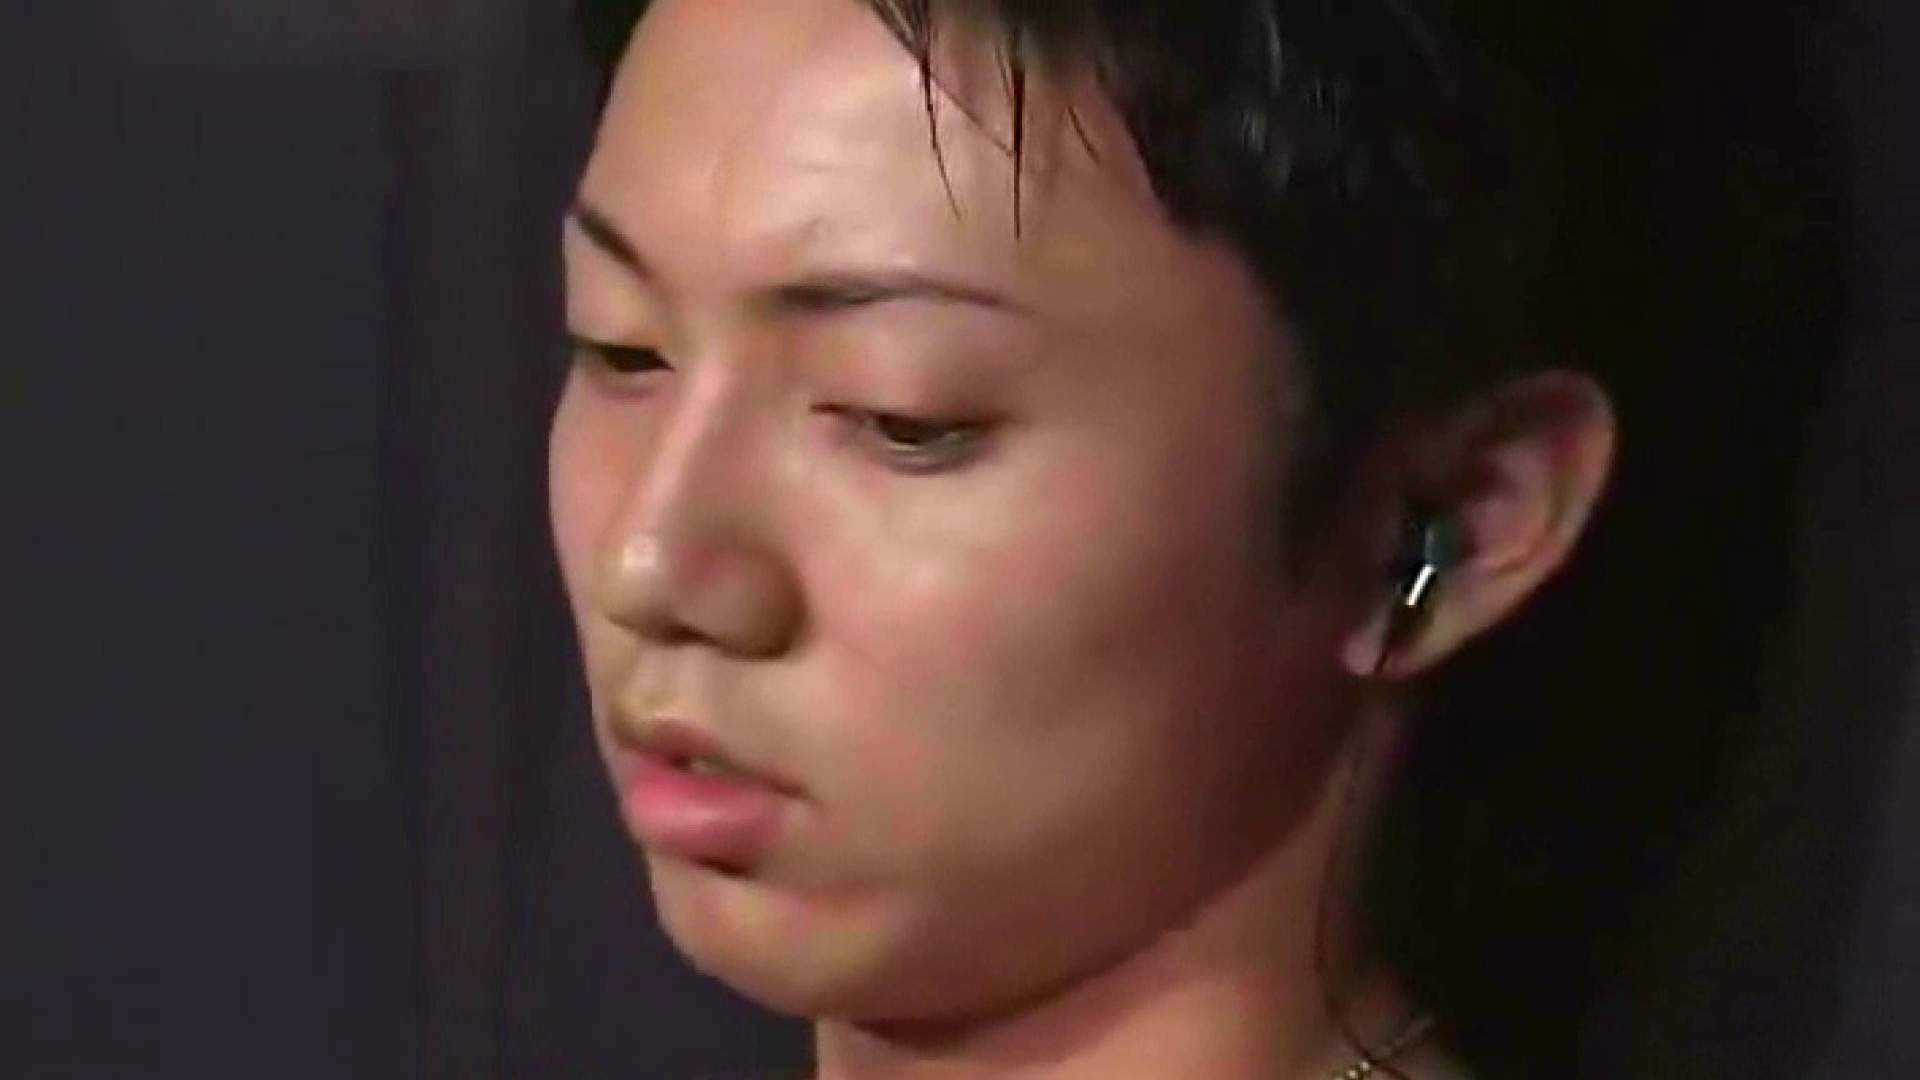 イケメンですが何か?!Vol.02 スリム美少年系ジャニ系  61pic 40